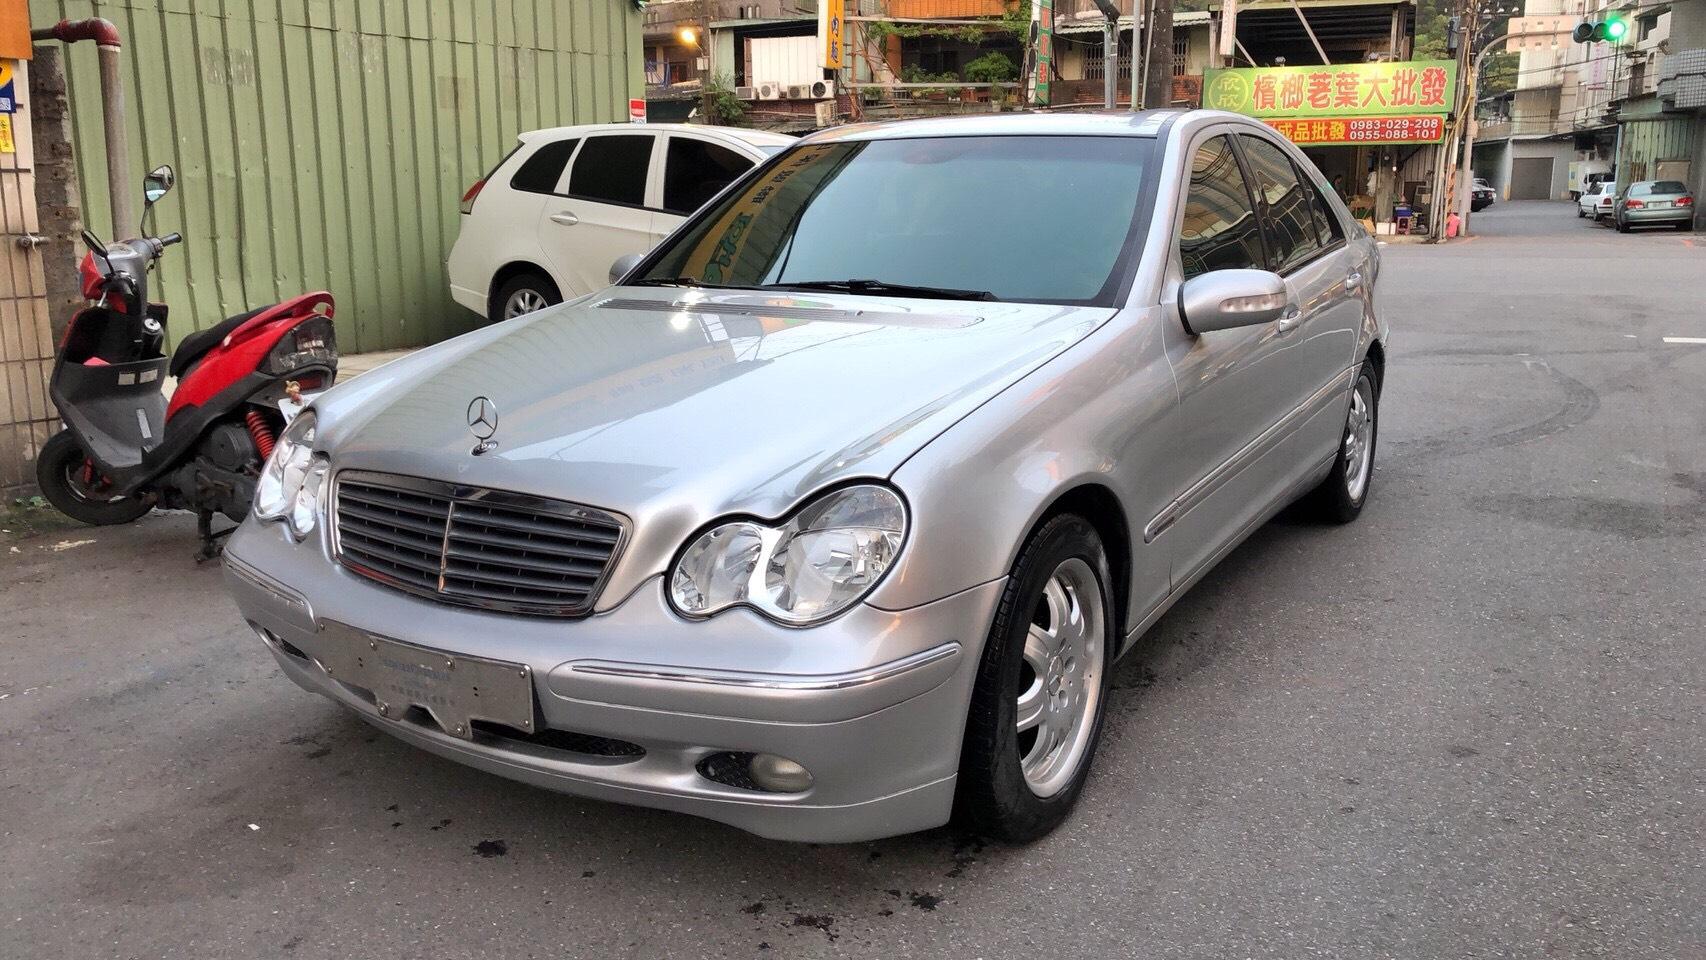 2005 M-benz Cls-class